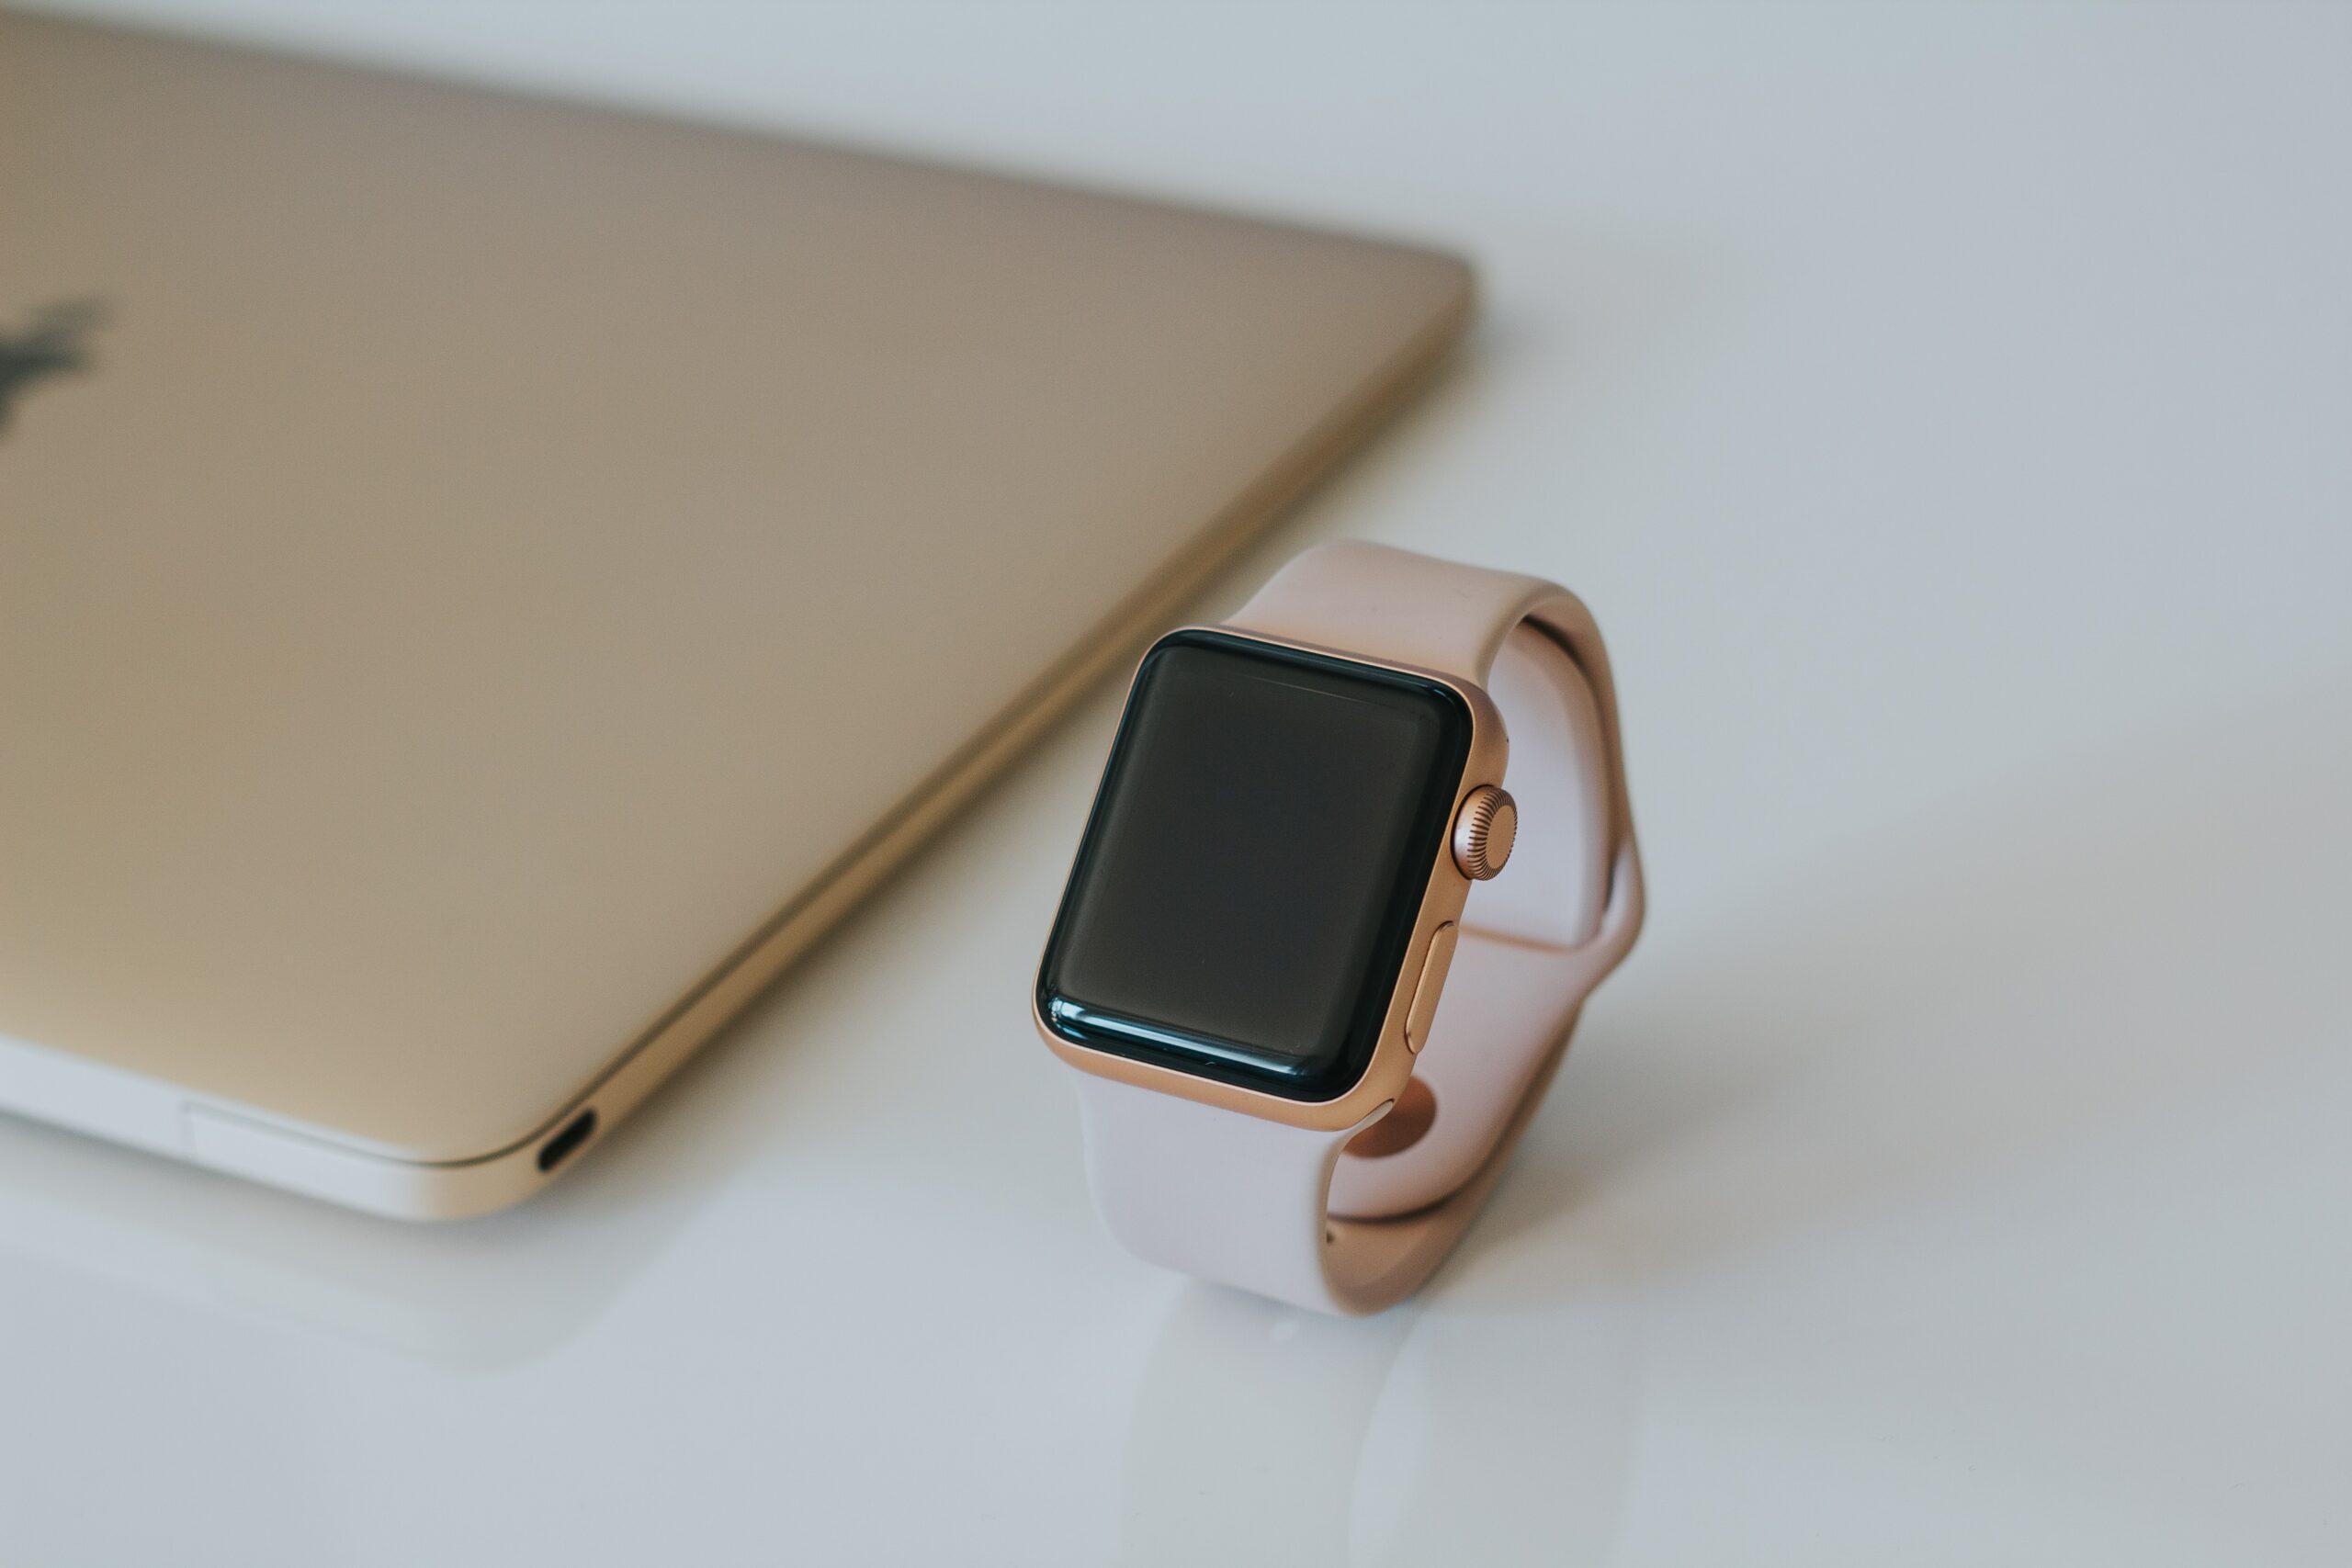 Владельцы Apple Watch Series 3 разочарованы проблемами после обновления WatchOS 7